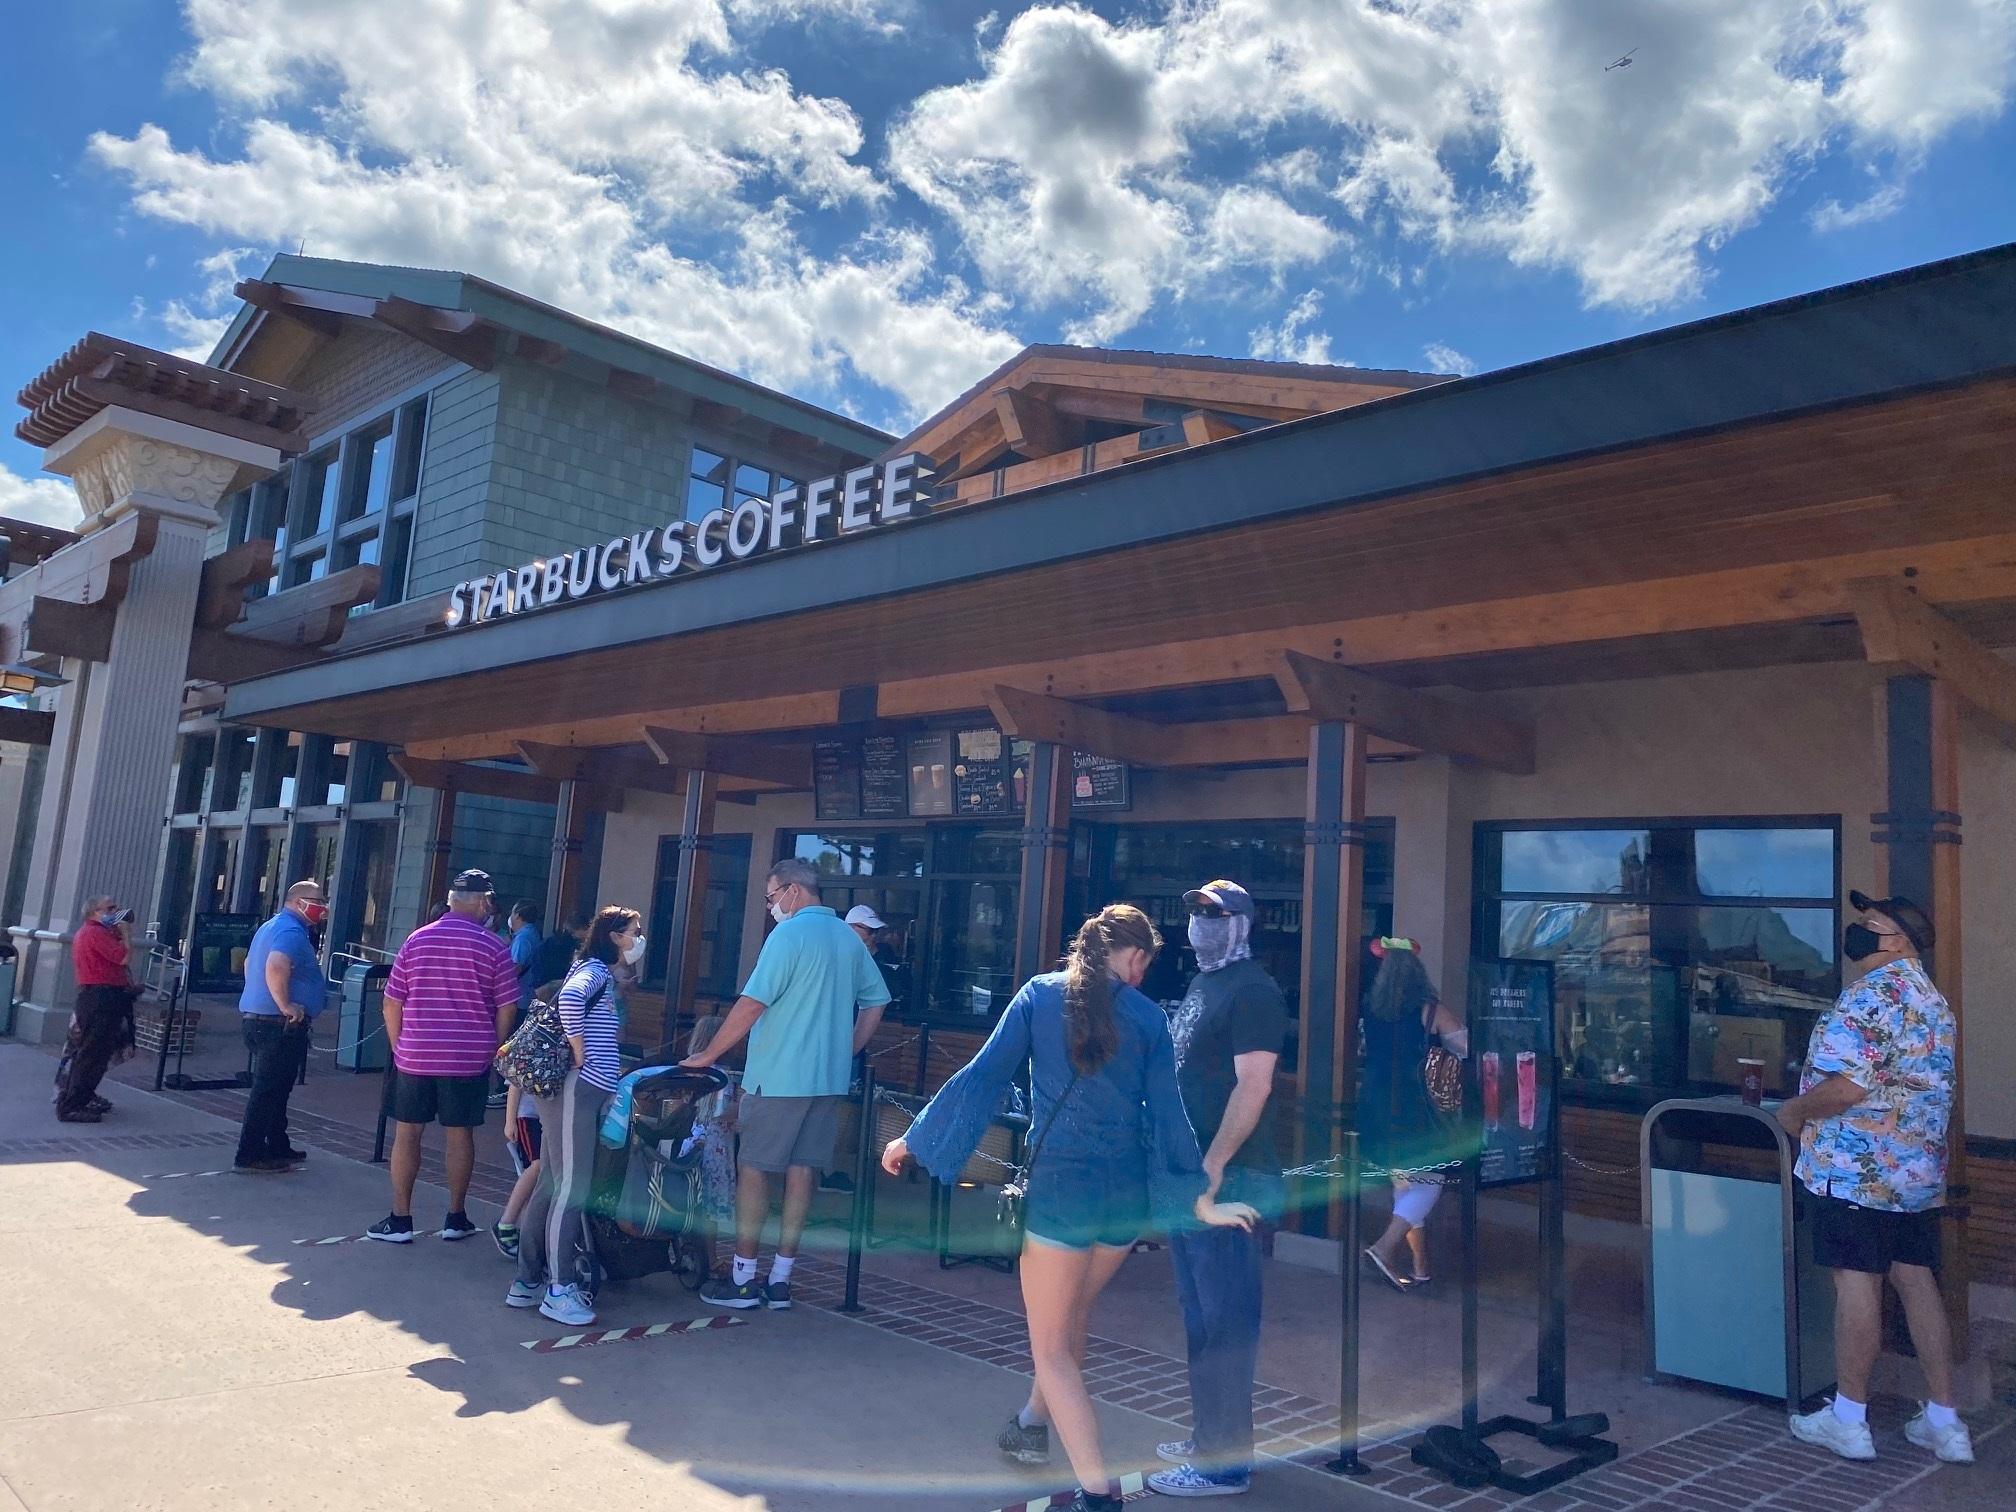 Disney Springs Starbucks